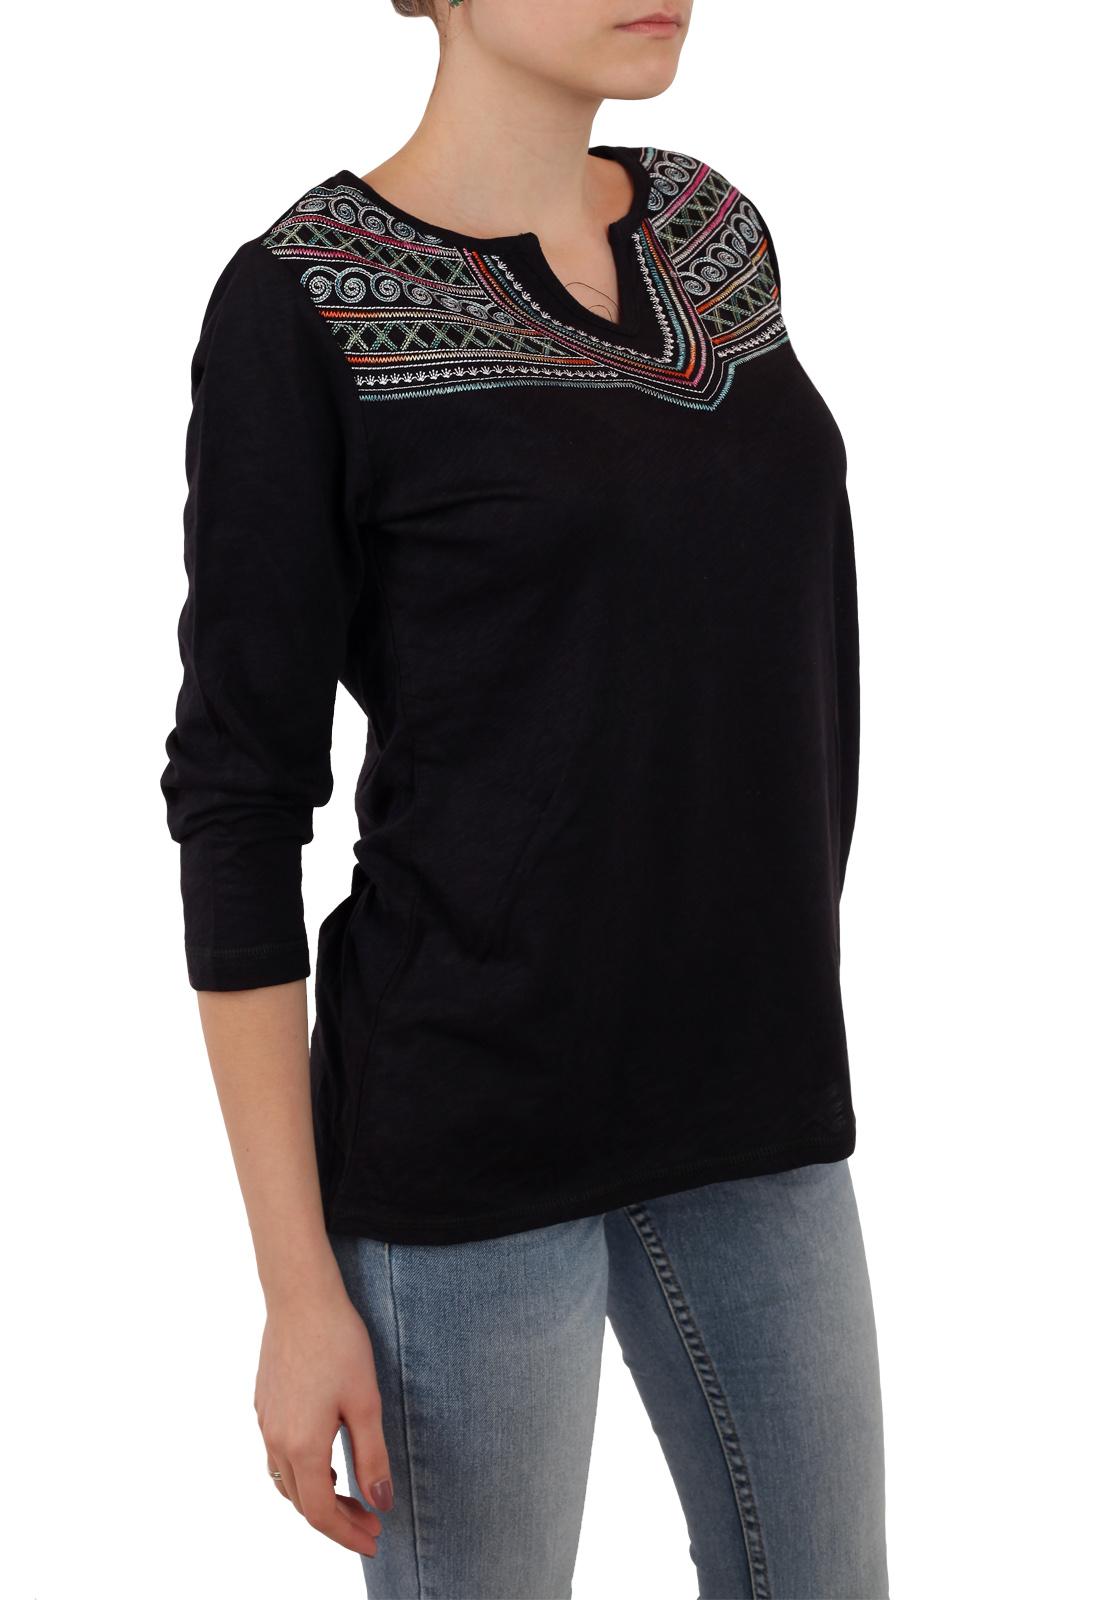 Аутентичная женская кофта Panhandle с этнической вышивкой. Кокетливо укороченный рукав и модный свободный фасон